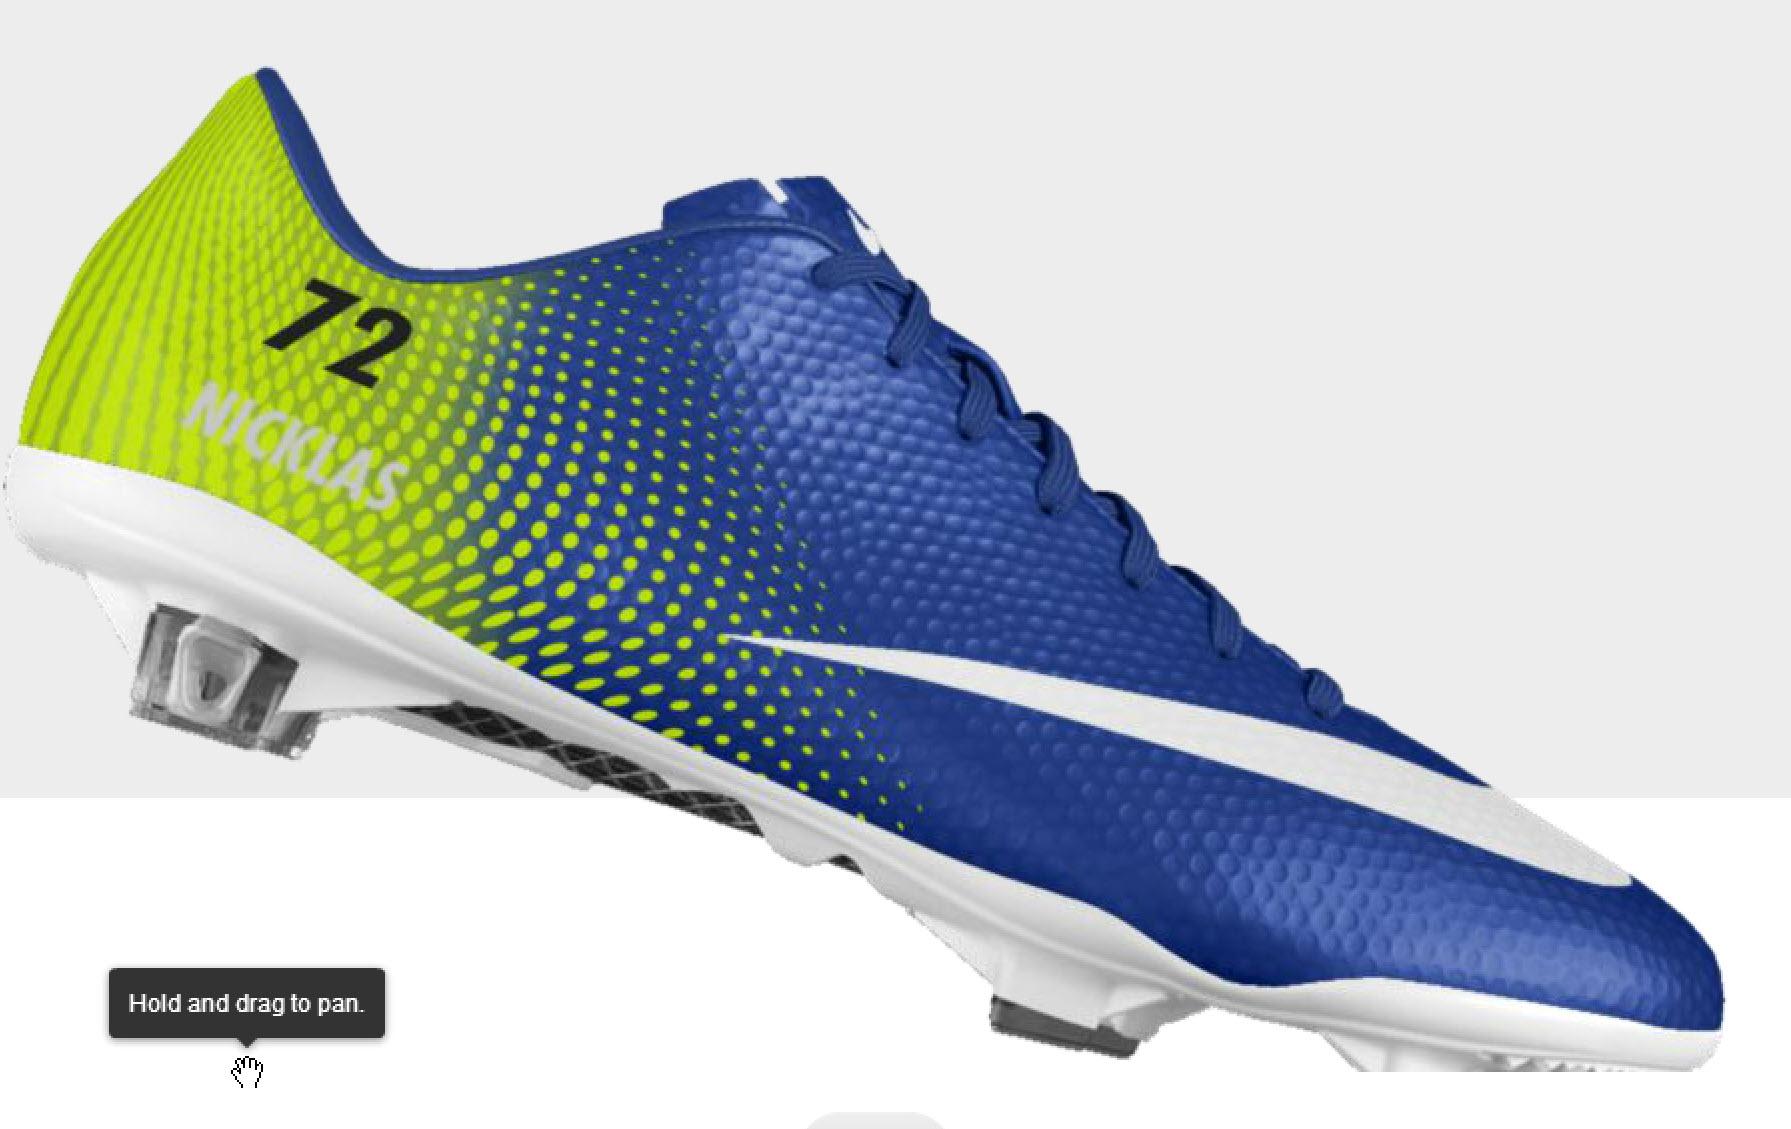 Du kan enkelt sätta eget nummer på fotbollsskon via NikeID.